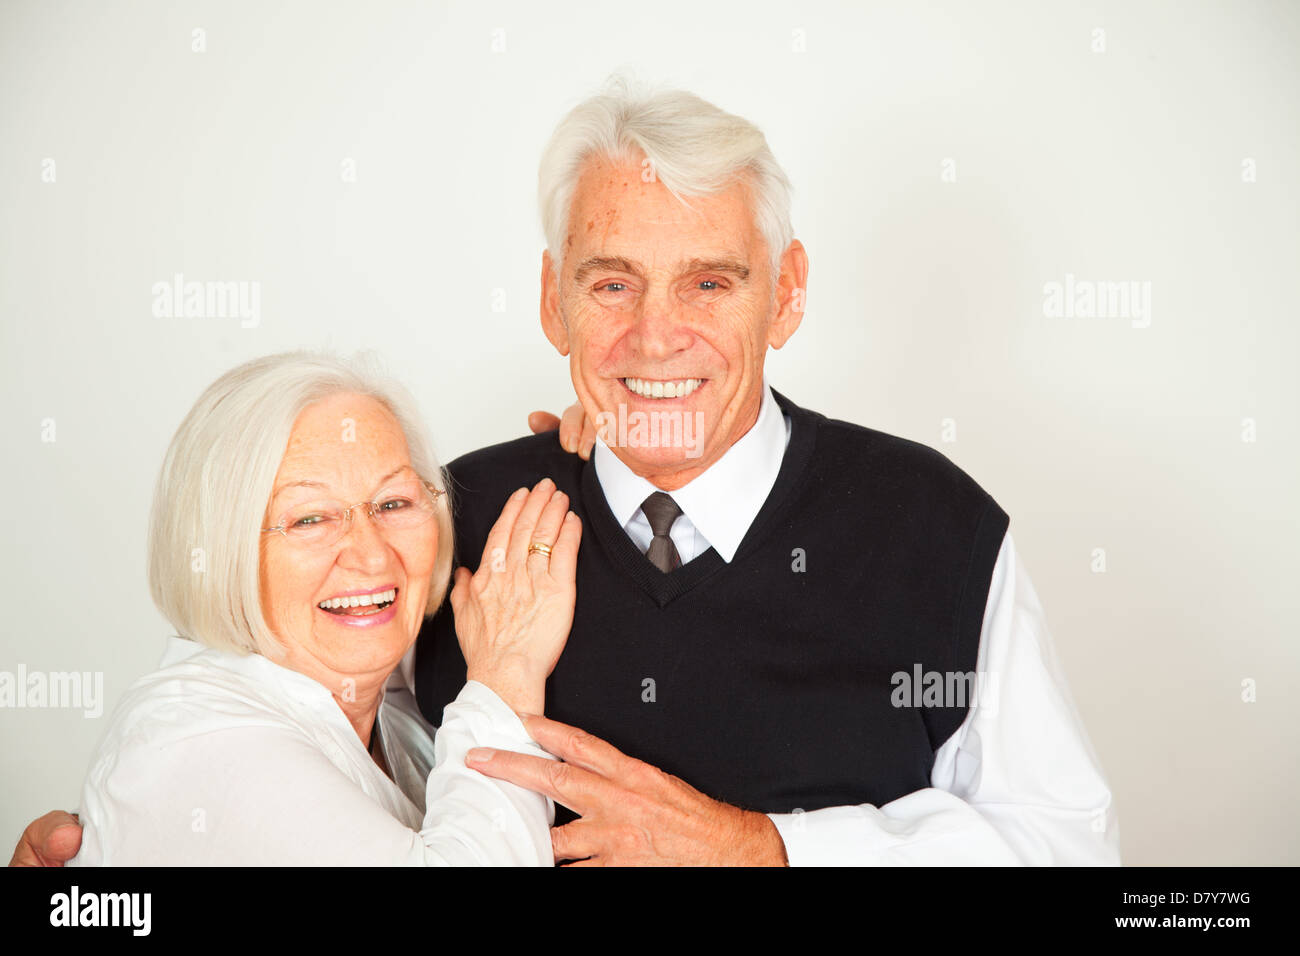 Senioren Paar umarmt sich und lachen Stock Photo